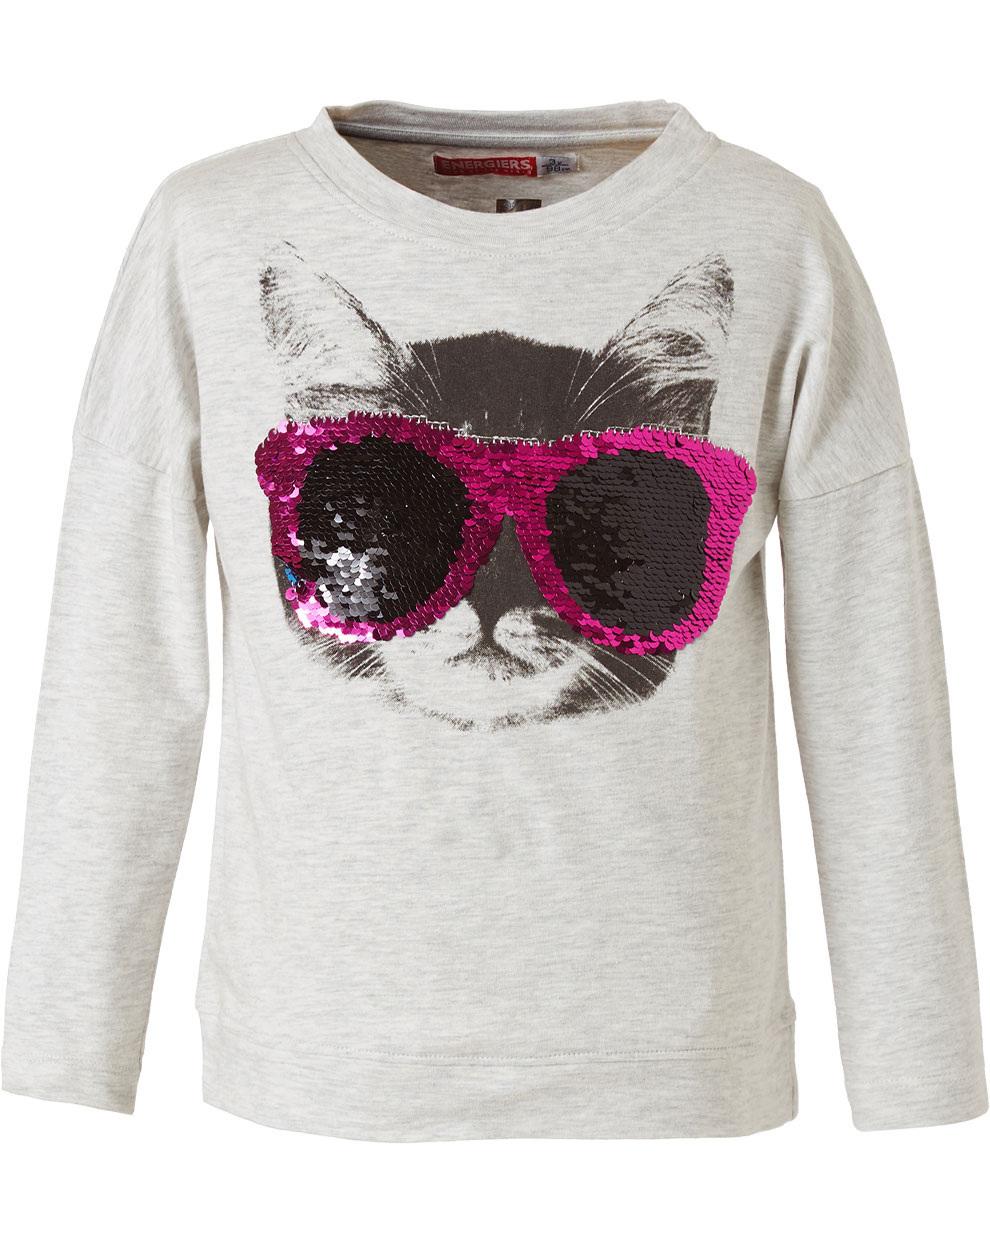 Ελαστική μπλούζα με παγιέτες που αλλάζουν 15-119321-5 - ΜΕΛΑΝΖΕ - 15750-42/12/295/109